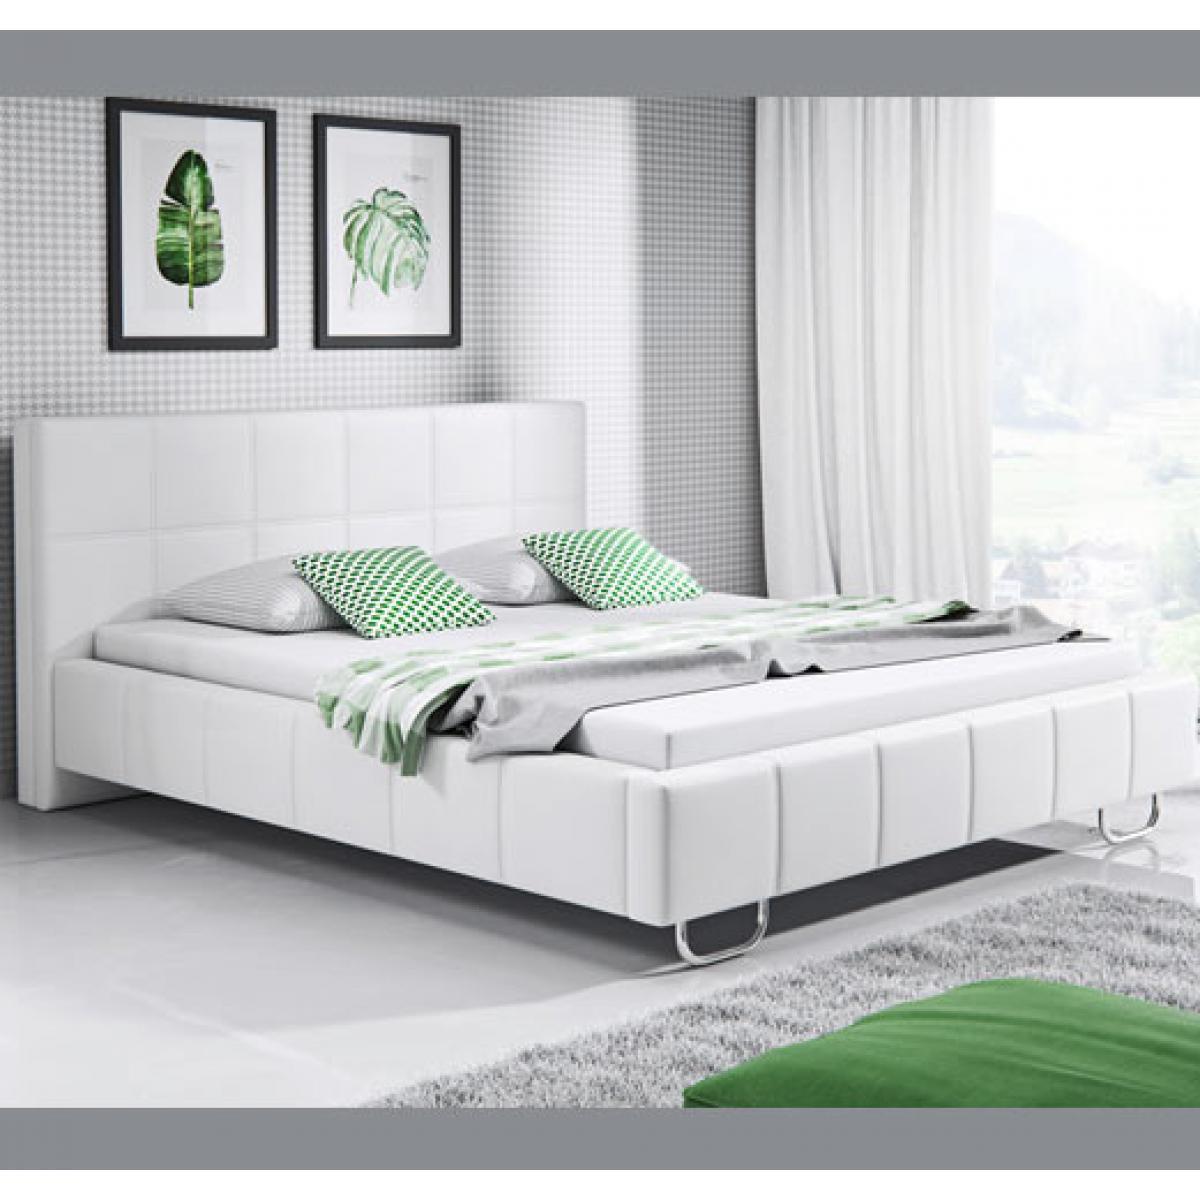 Design Ameublement Lit design Sofía ? blanc (150x190cm)